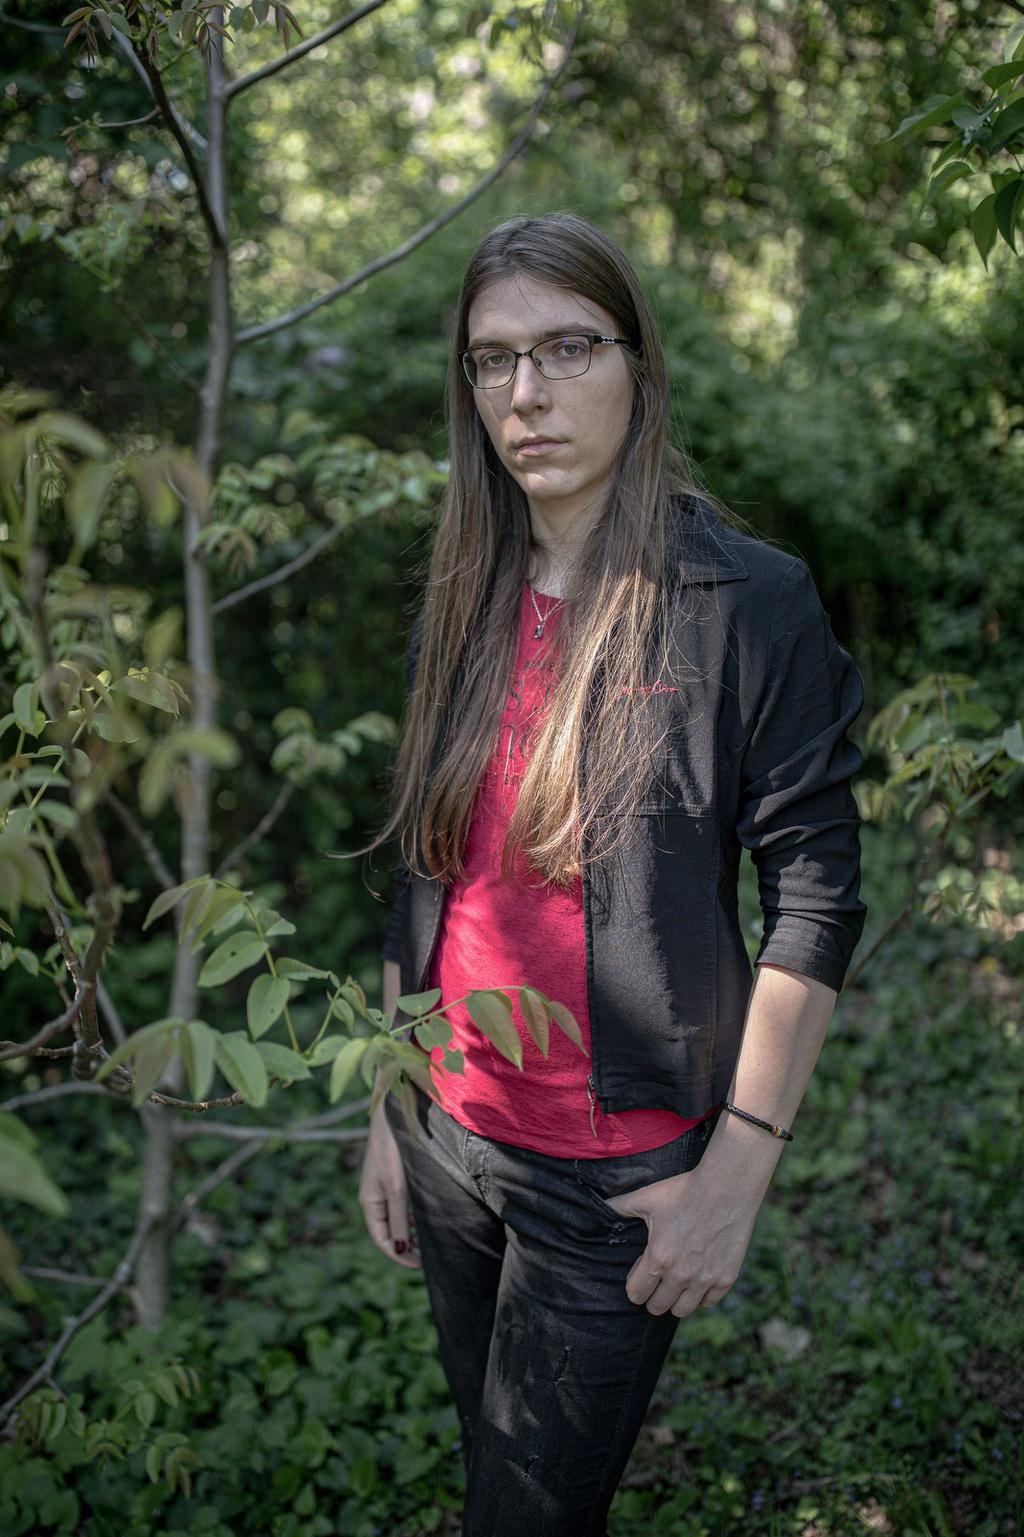 Người chuyển giới Hungary sống trong sợ hãi sau luật mới khắc nghiệt Ảnh 7